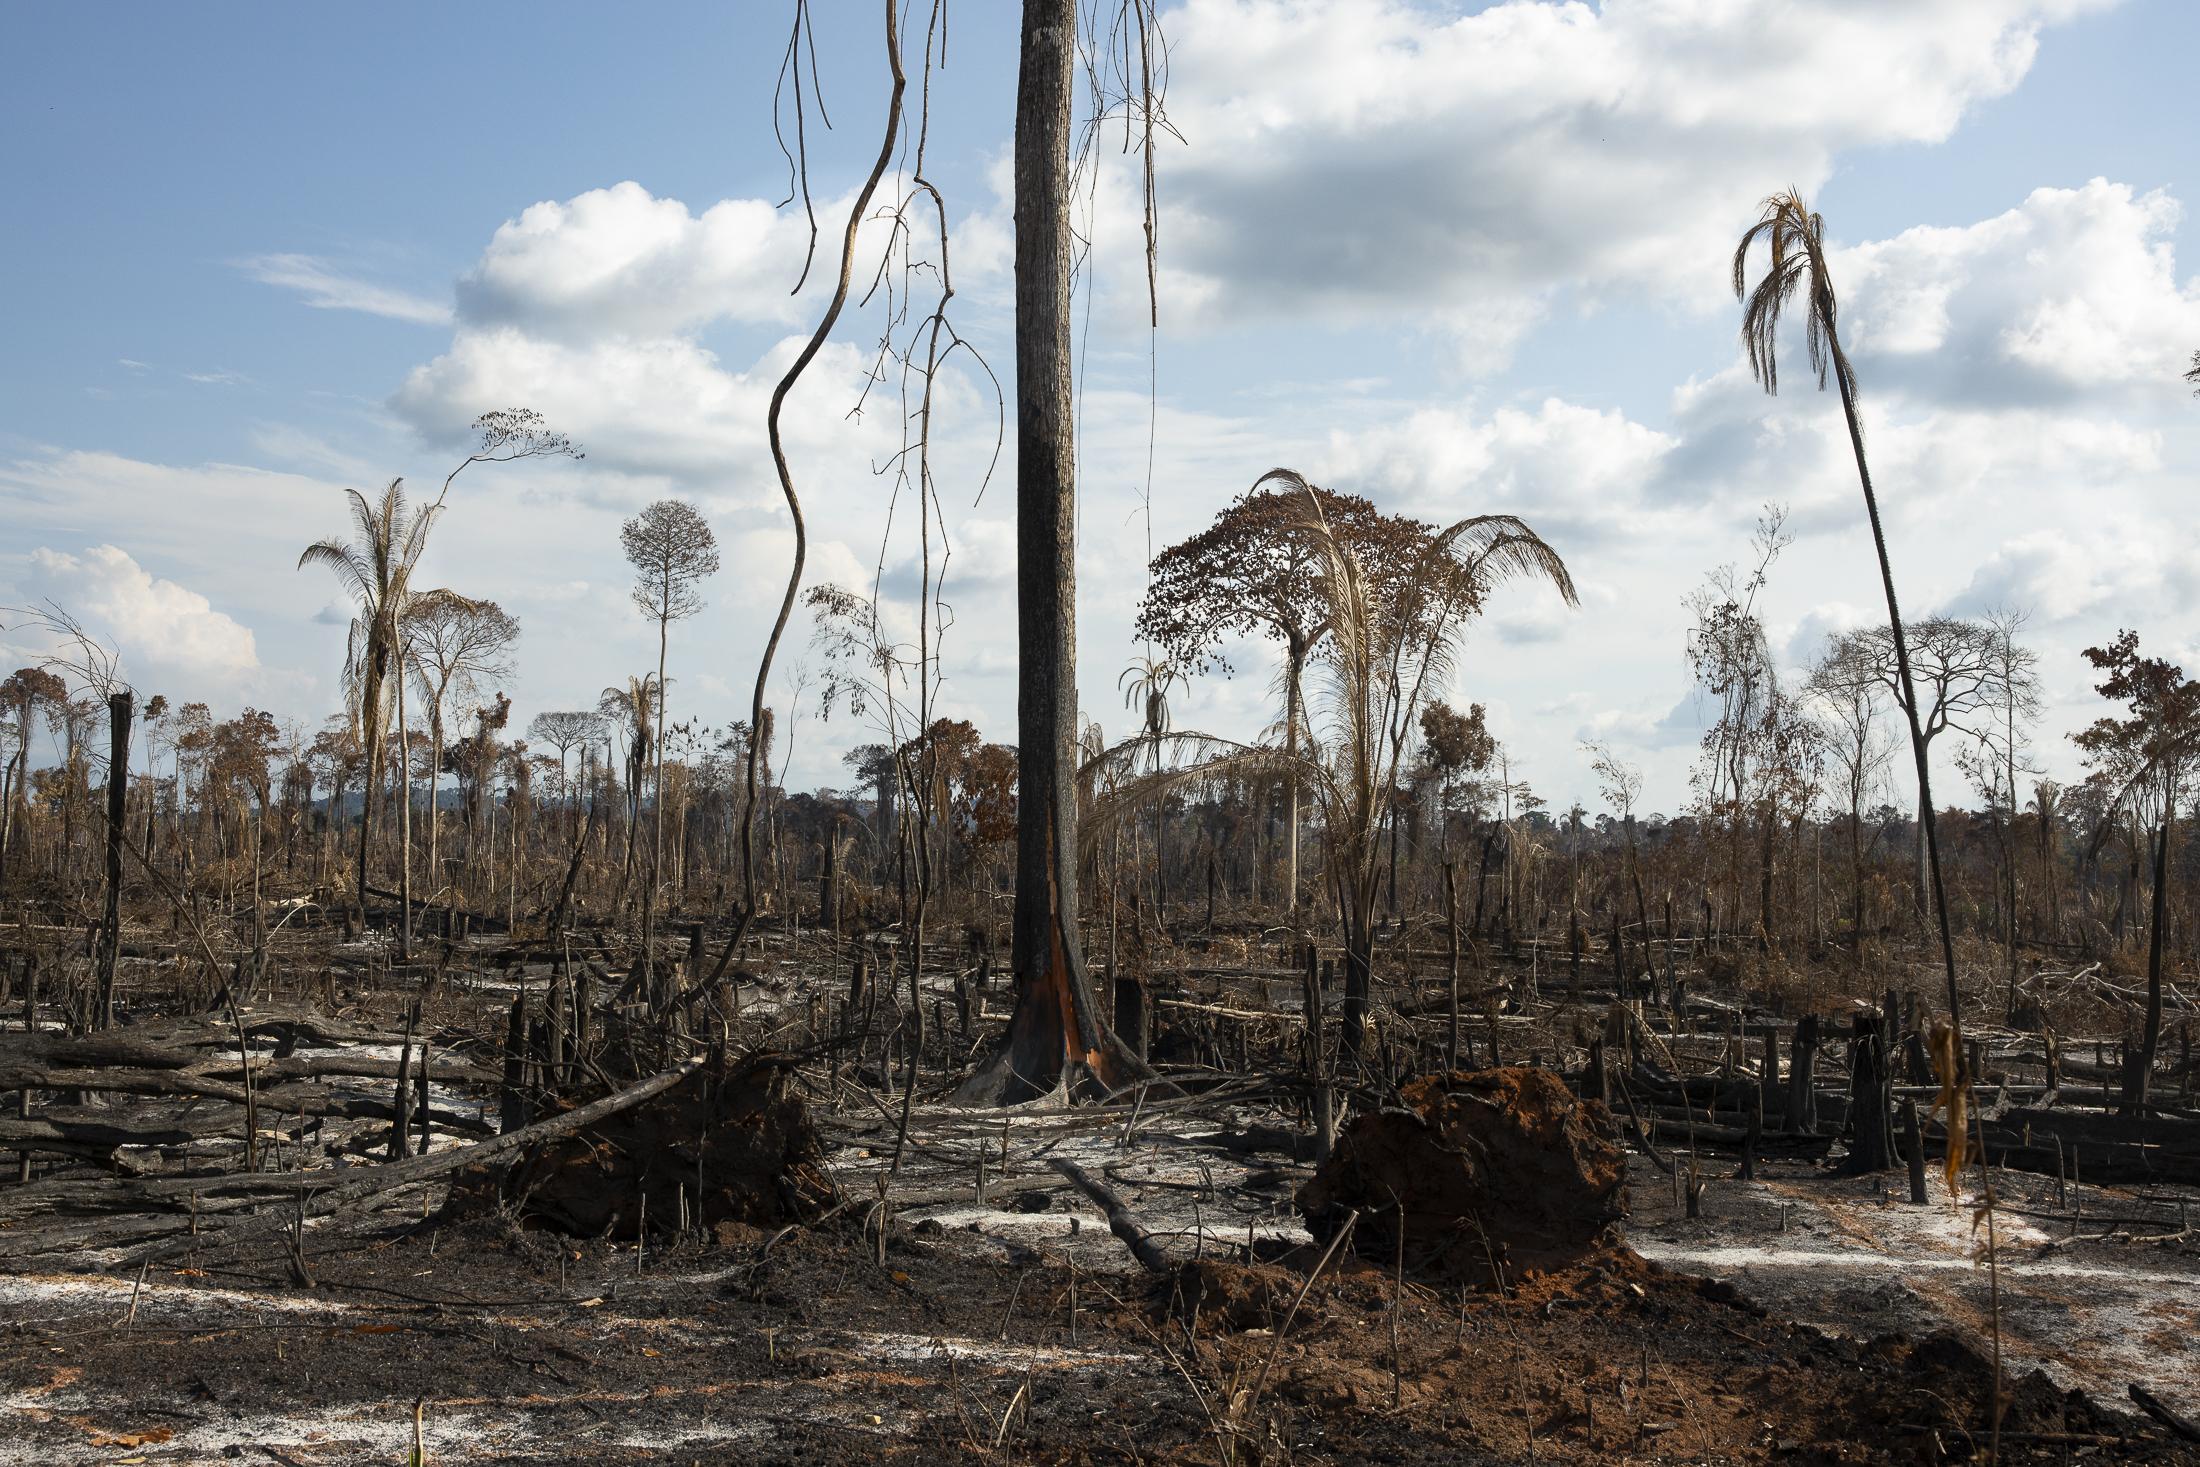 Vu sur un champs de 739 hectares de forêt Amazonienne illegalement brulée. Cette zone de la forêt fait partie de la resèrve protegée Indigènne TI Cachoeira Seca qu'appartient aux peuples Arara. Pour deforester une telle zone, 20 personnes et 6 tronsoneuses travaillent sur place à 1000 reais par boisseau pendant 2 mois. Le travail illegale à été commandé par Preto et Wagsmar Carneiro et deux autres amis fermiers qu'allaient partager le terre. Une piste d'avion est deja prete à venir semer les graines de paturage avant les que les temps des pluies arrivent. Une amande d'envieront un million deux cents mil reais est prévue pour ce type de crime, mais dans la region des cas comme celui la ont finit par payer la somme de 5000 reais en 5 parcelelles de 1000. Entre les fermiers qu'ont brule cette foret, un est fils d'un deputé locale. champs de 739 hectares de forêt Amazonienne illegalement brulée. Cette zone de la forêt fait partie de la resèrve protegée Indigènne TI Cachoeira Seca qu'appartient aux peuples Arara. Pour deforester une telle zone, 20 personnes et 6 tronsoneuses travaillent sur place à 1000 reais par boisseau pendant 2 mois. Le travail illegale à été commandé par Preto et Wagsmar Carneiro et deux autres amis fermiers qu'allaient partager le terre. Une piste d'avion est deja prete à venir semer les graines de paturage avant les que les temps des pluies arrivent. Une amande d'envieront un million deux cents mil reais est prévue pour ce type de crime, mais dans la region des cas comme celui la ont finit par payer la somme de 5000 reais en 5 parcelelles de 1000. Entre les fermiers qu'ont brule cette foret, un est fils d'un deputé locale.